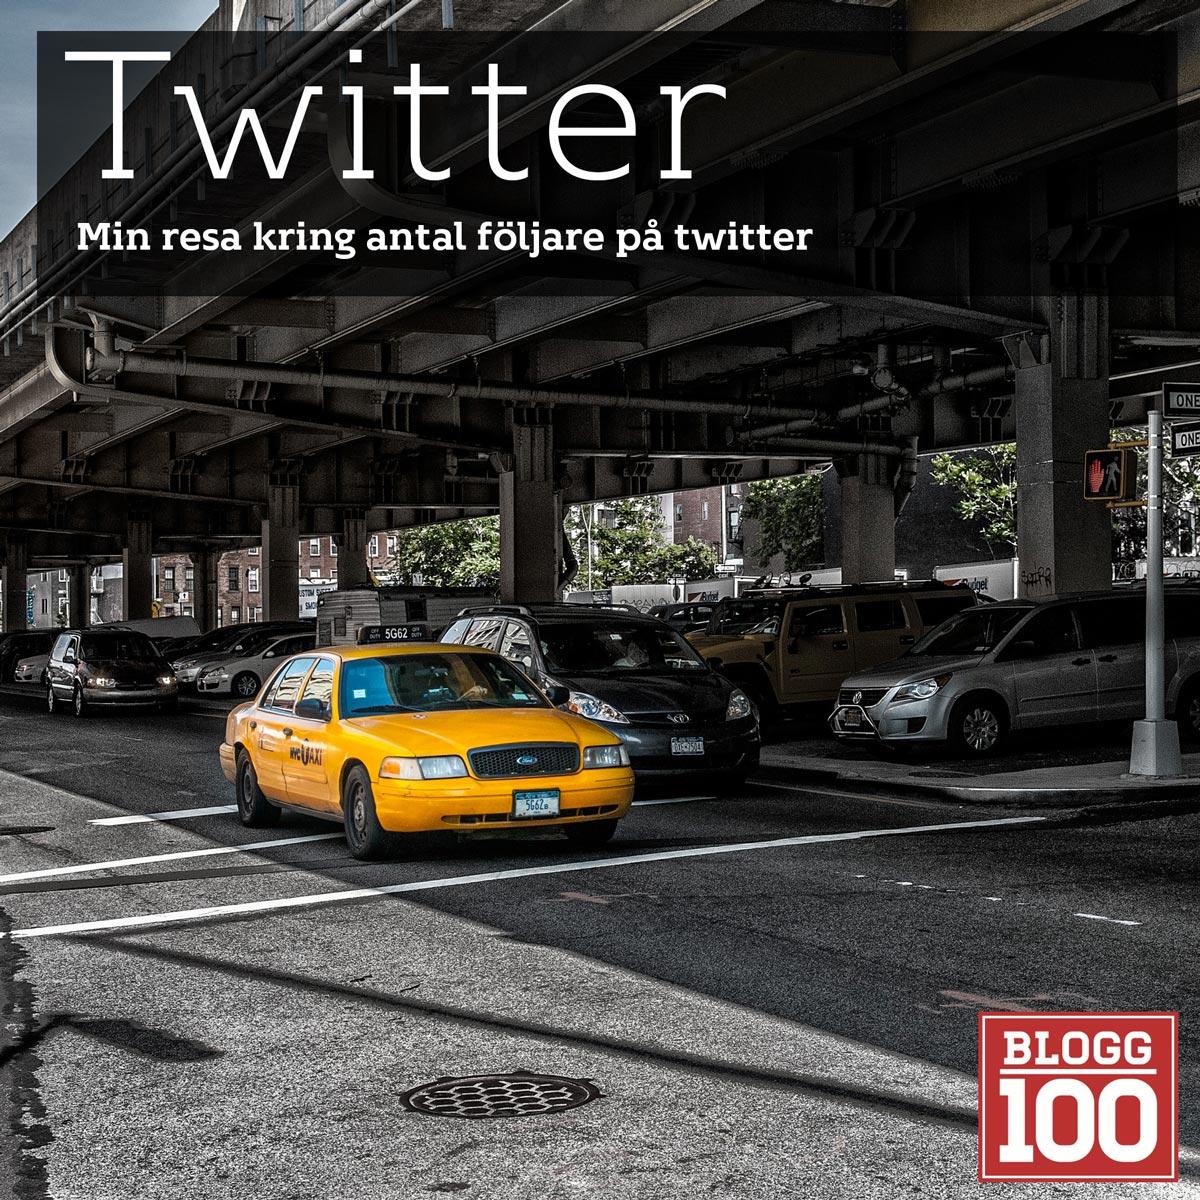 Twitter, min tillväxt av följare #blogg100 #fb